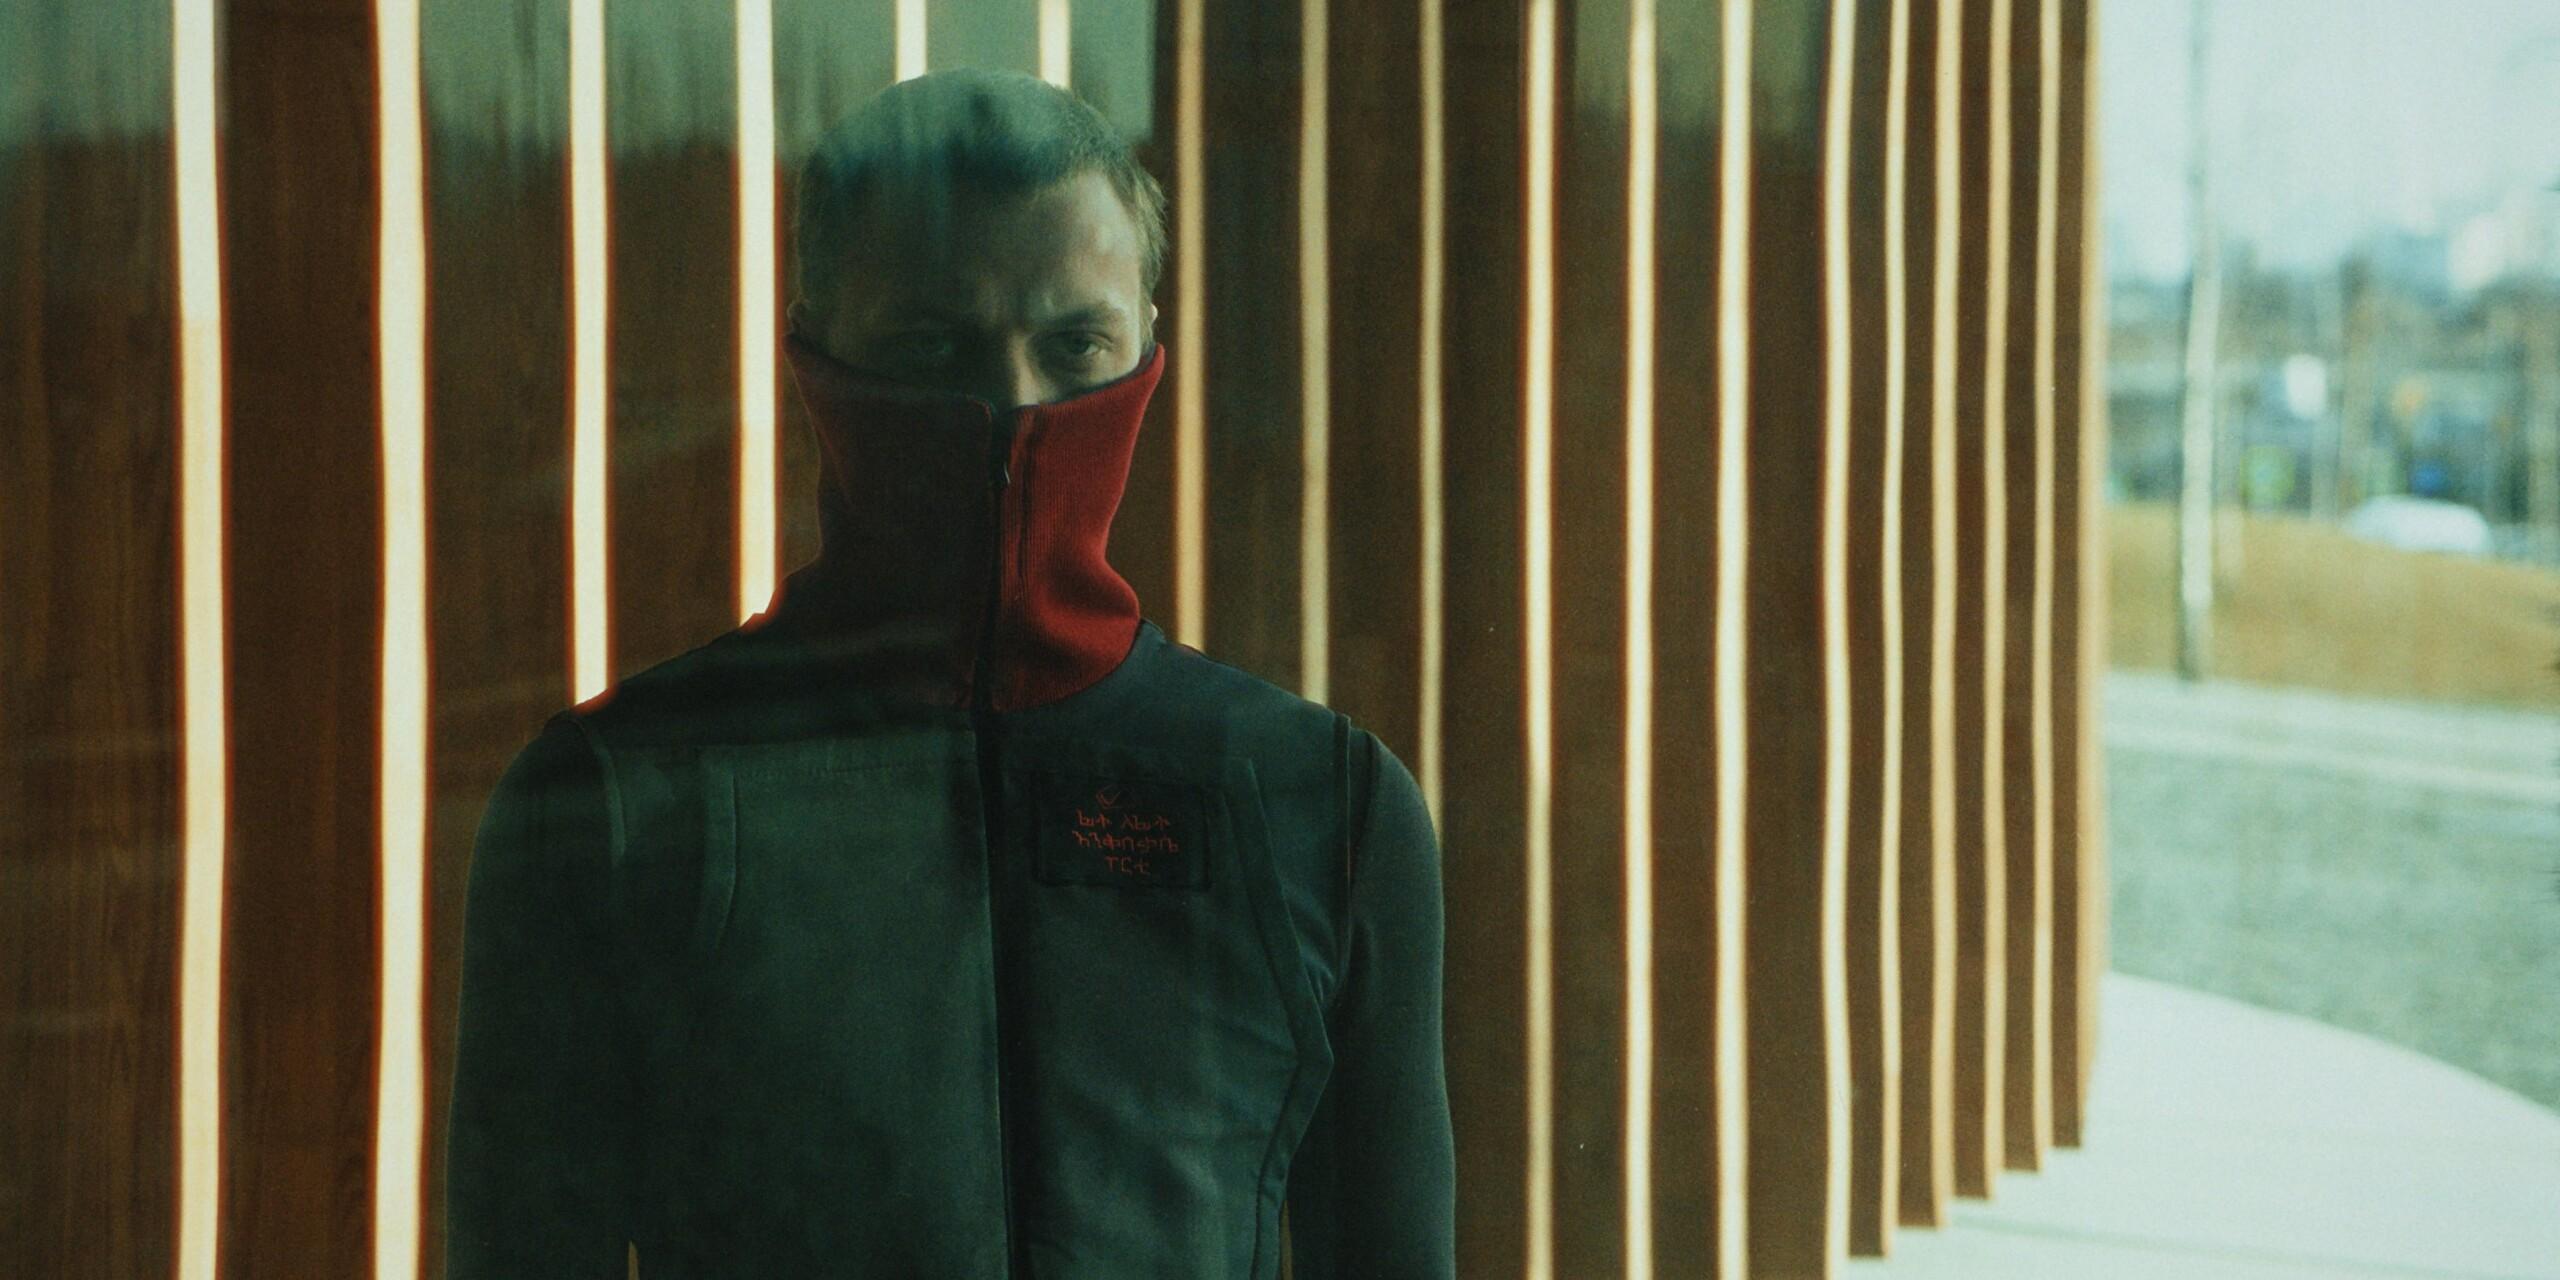 СГ: Слепоглухой/Супергерой, кадр № 2